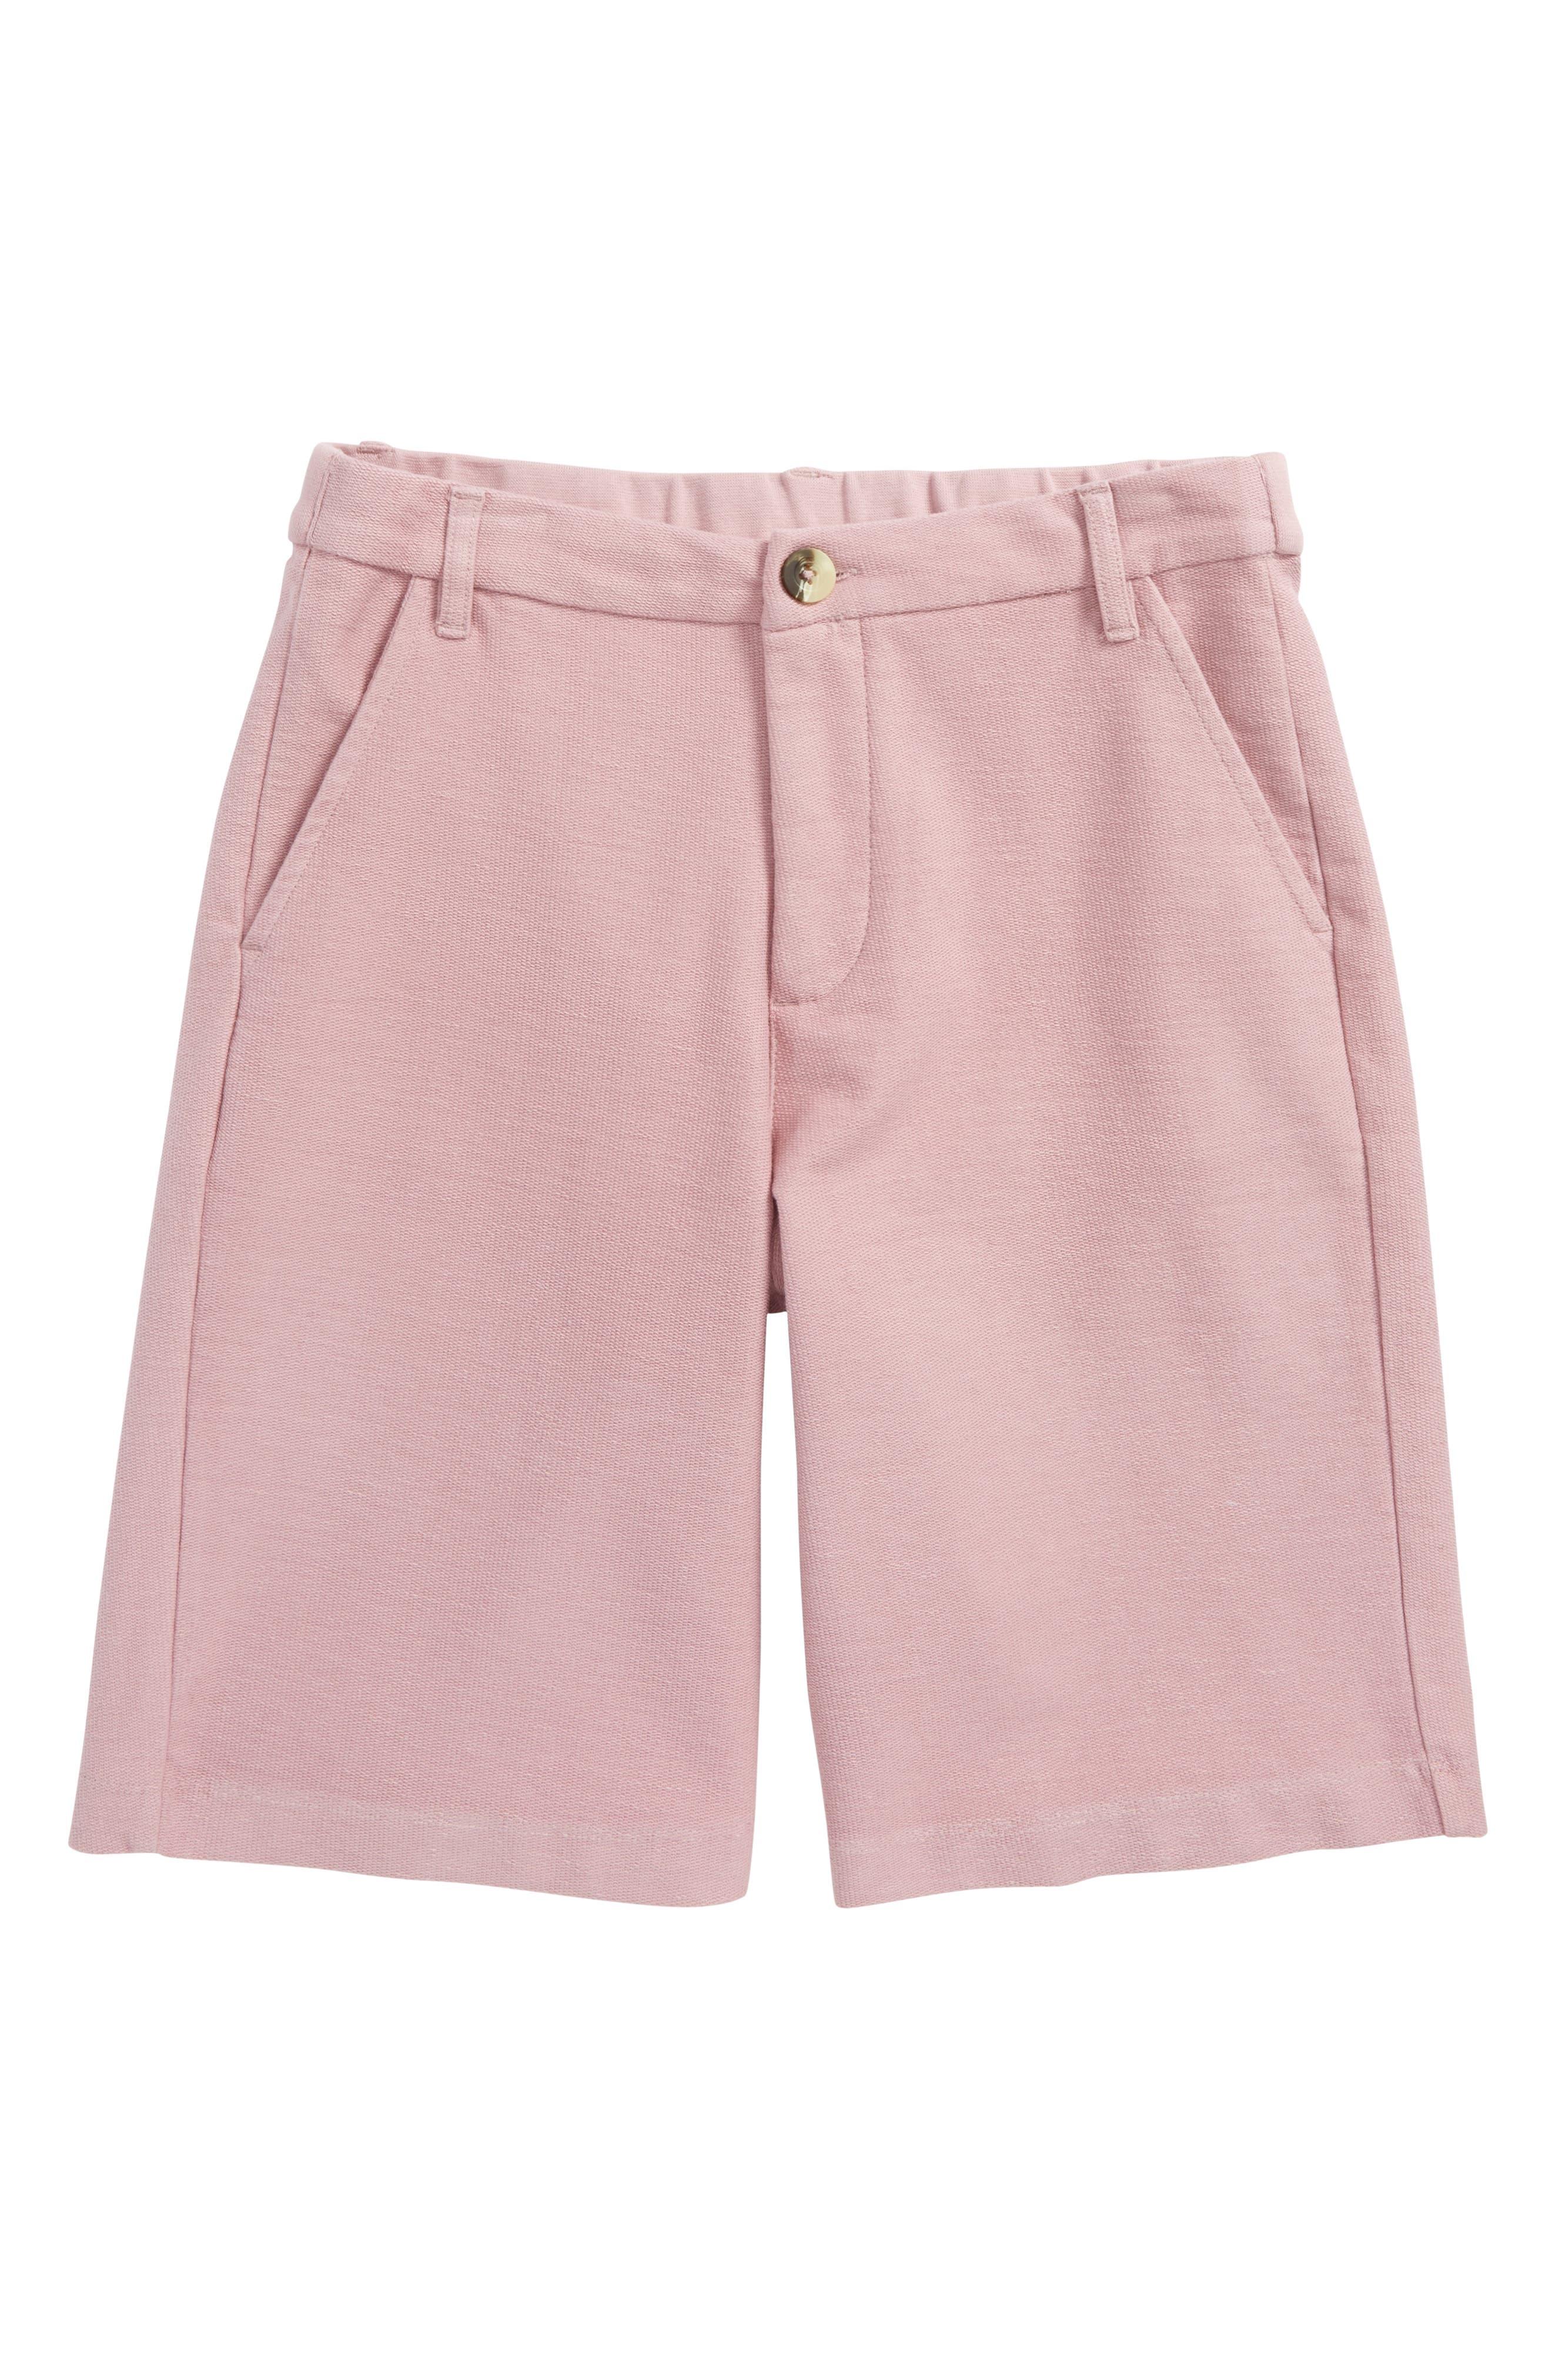 Easton Jersey Shorts,                         Main,                         color, Mauve